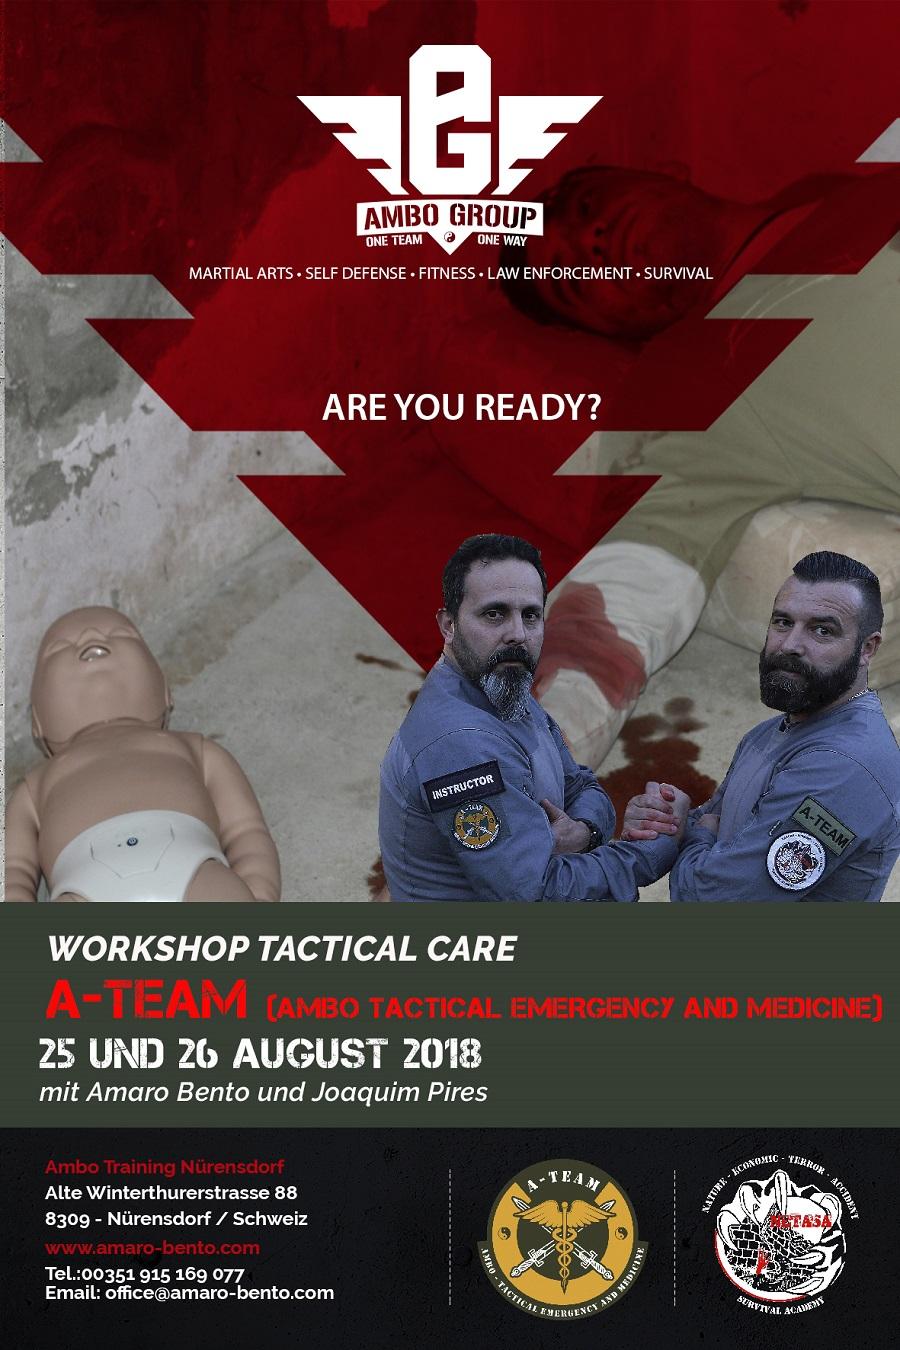 Erste Hilfe Ausbildung im Kontext von Katastrophen und Attentaten